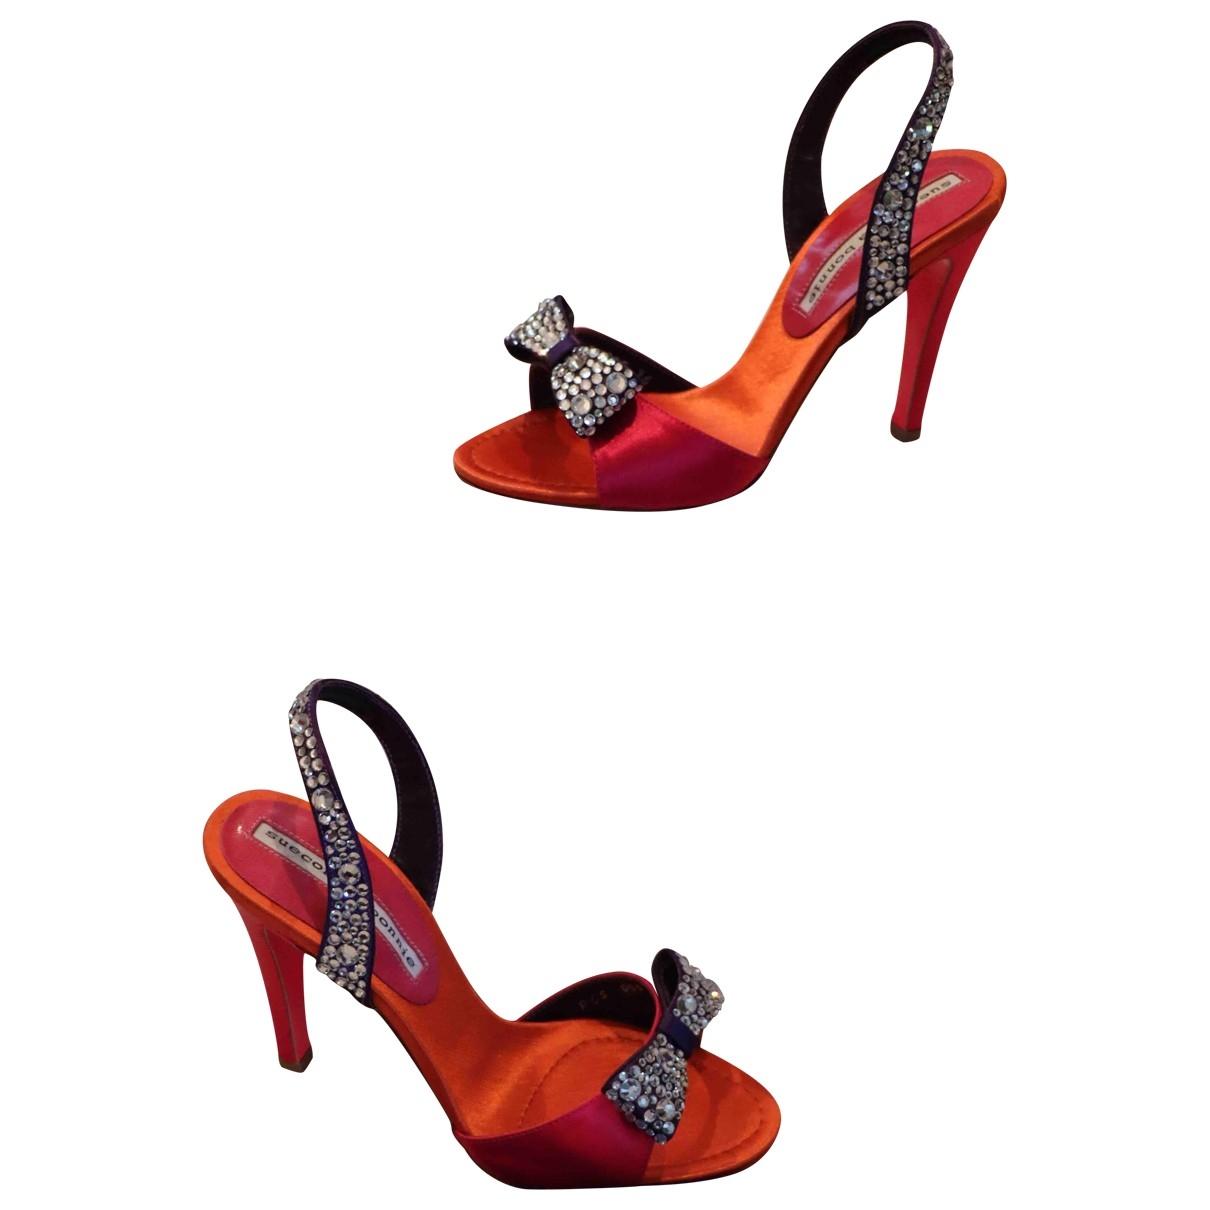 Sandalias romanas de Cuero Suecomma Bonnie